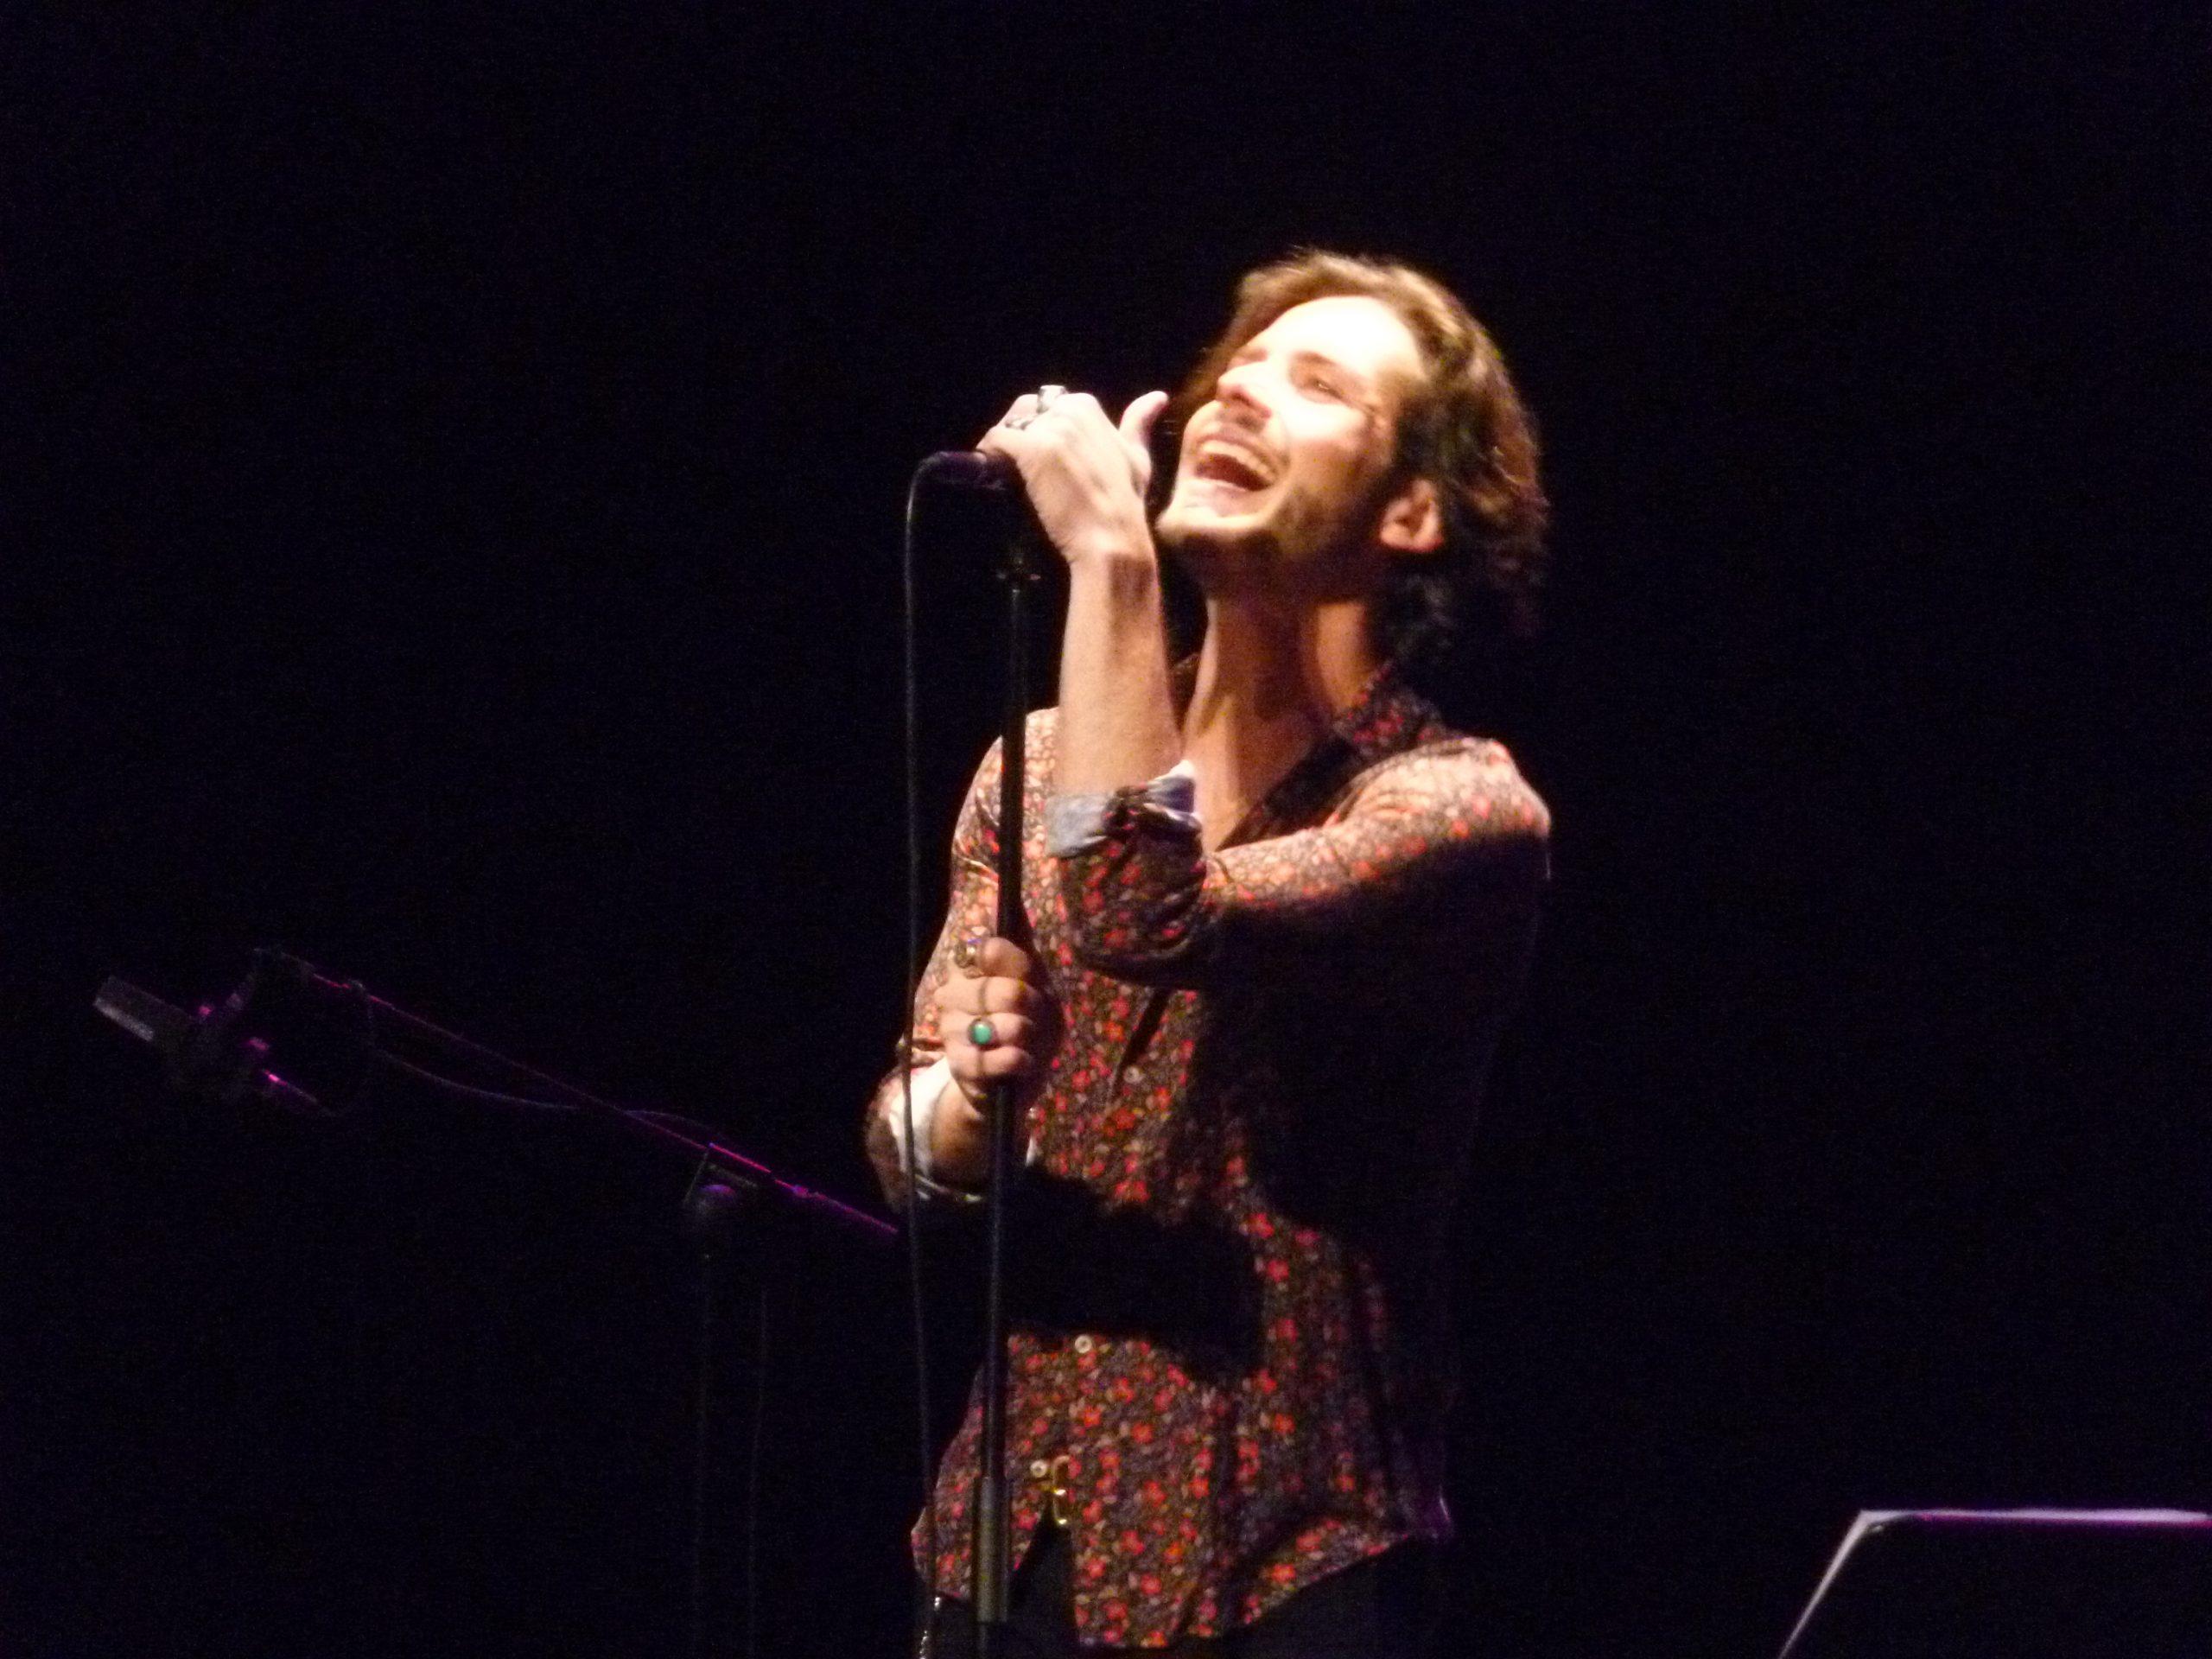 CRÓNICA | Fredi Leis inaugura 2018 con directo en Fuenlabrada